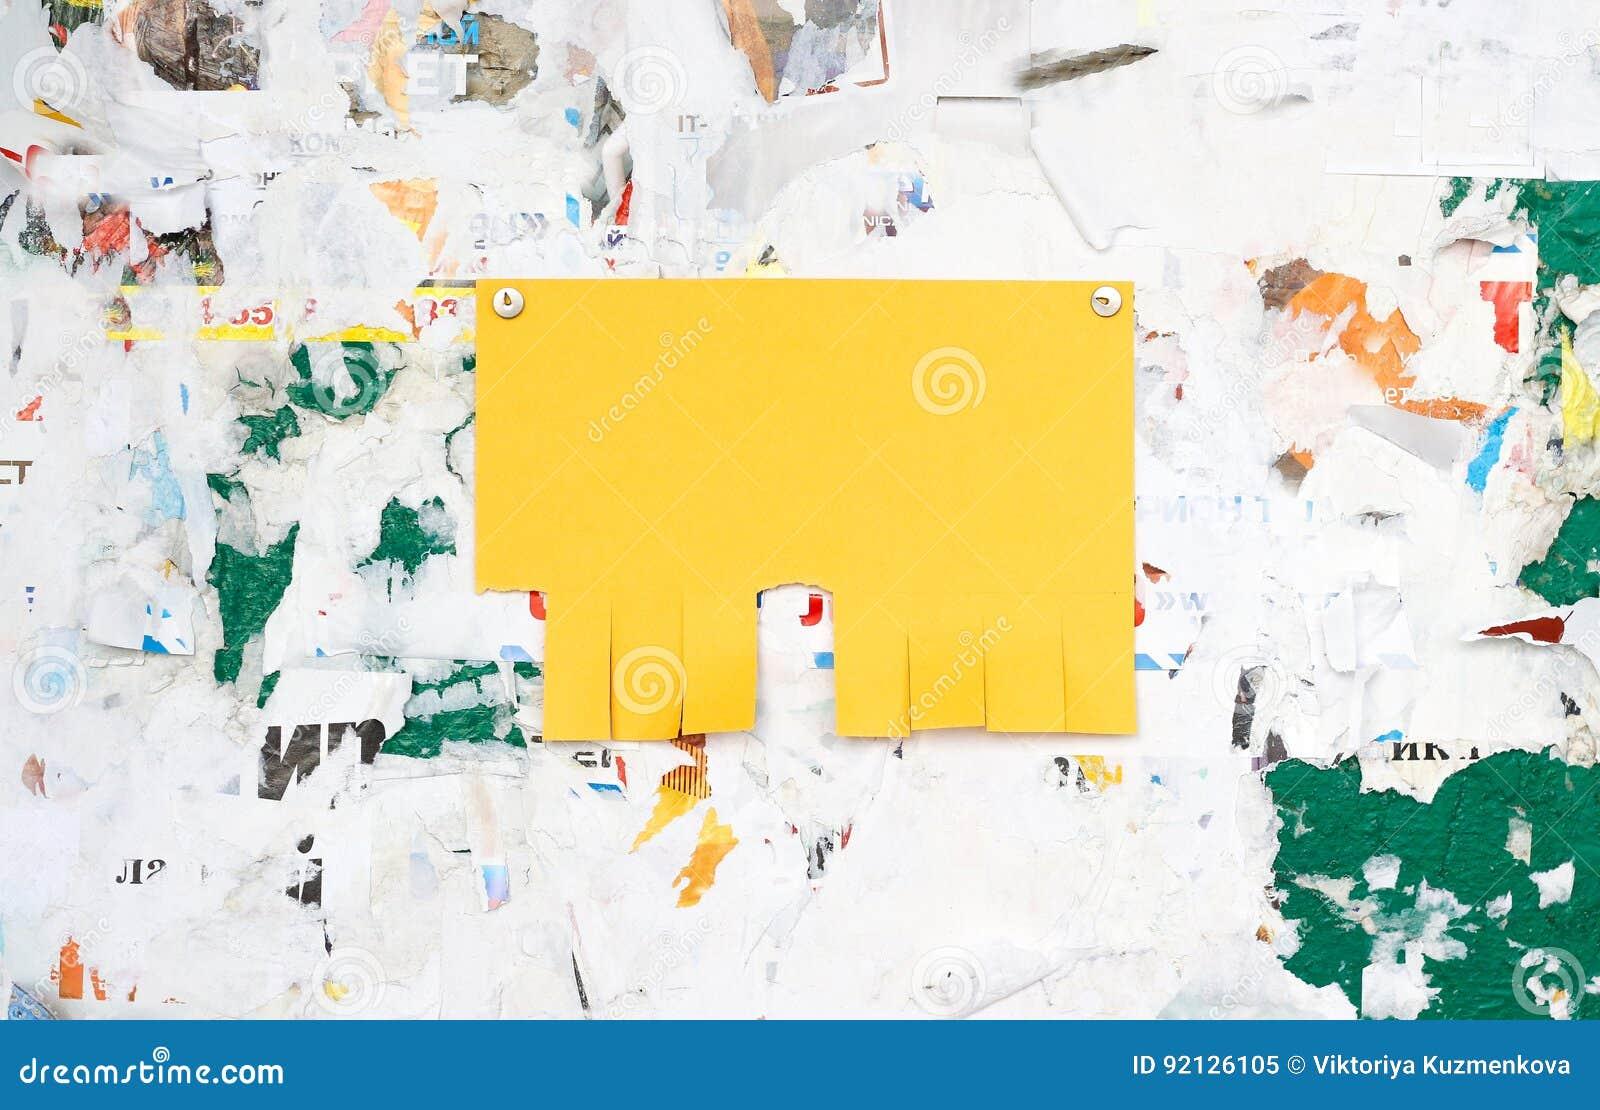 在一个肮脏的委员会的空的五颜六色的纸广告插入物